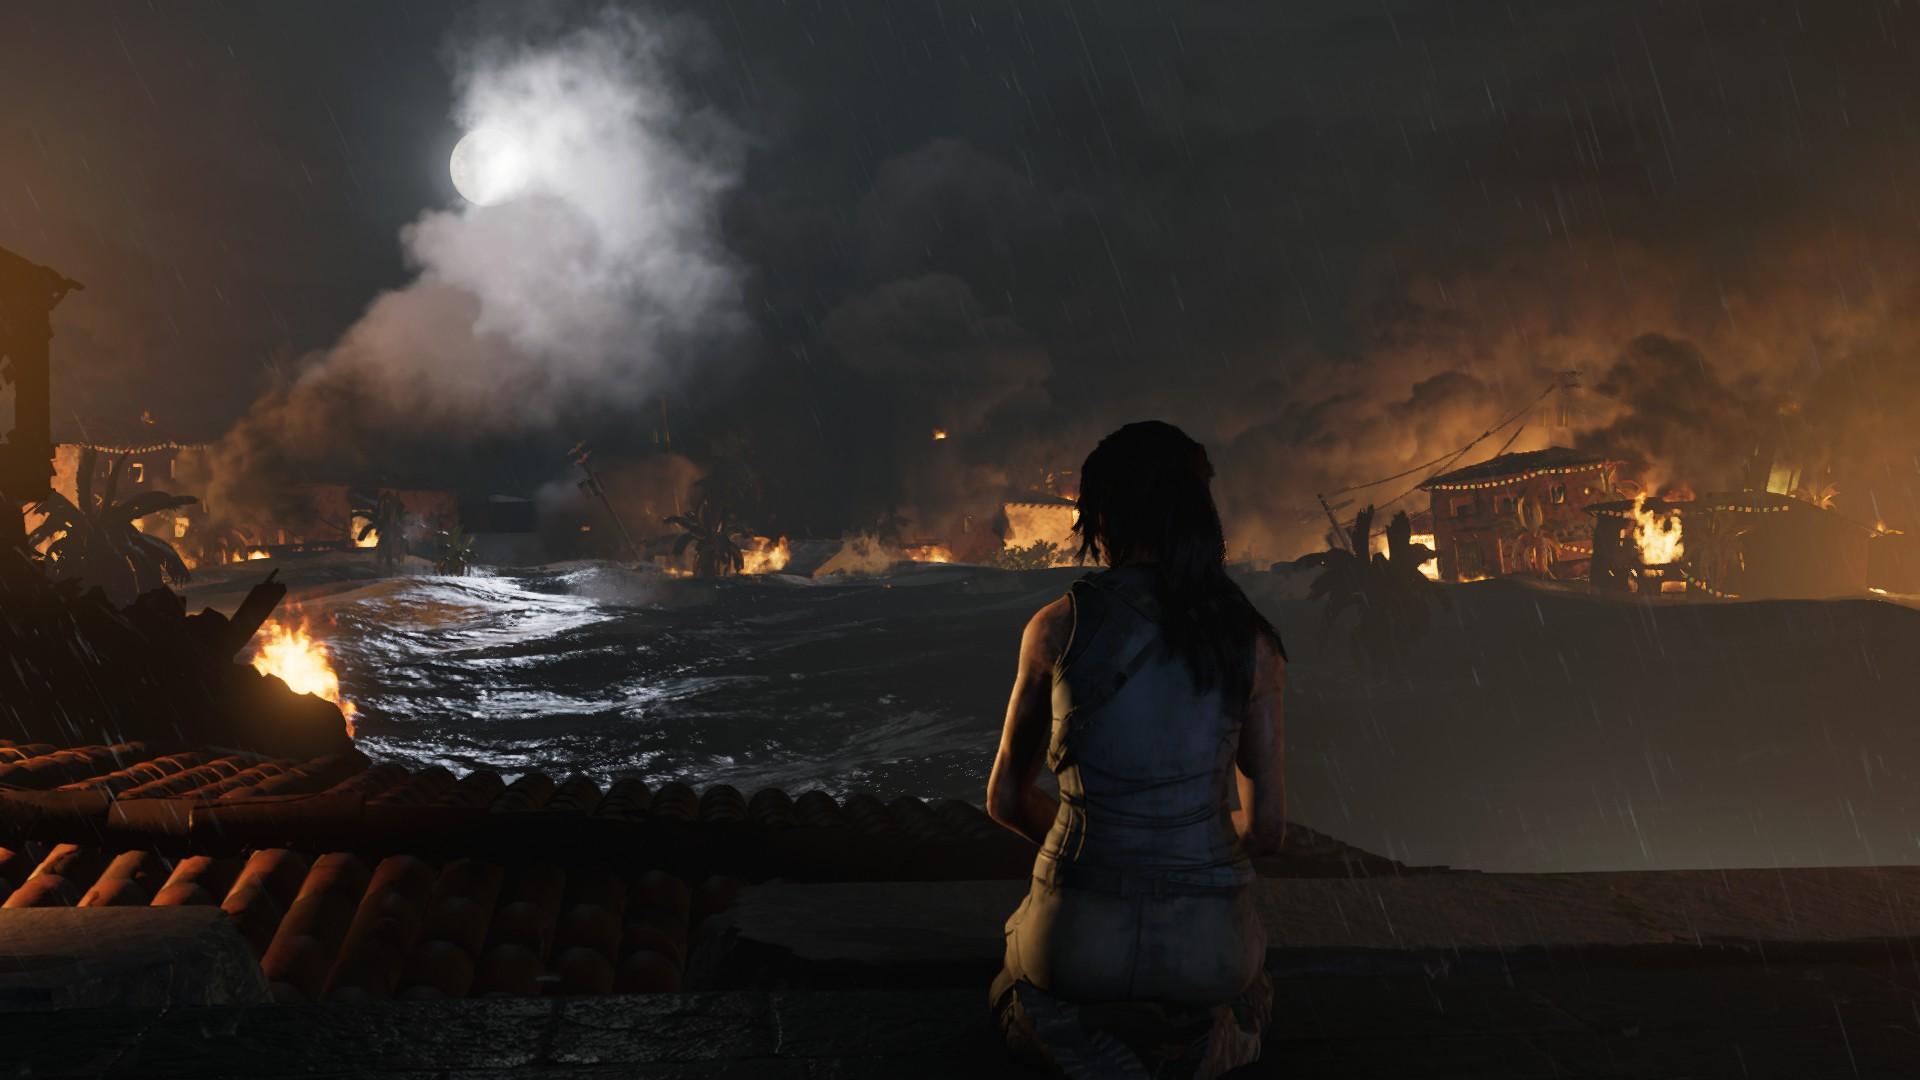 Hra světla a stínu jde Shadow of the Tomb Raider skvěle i bez ray tracing.